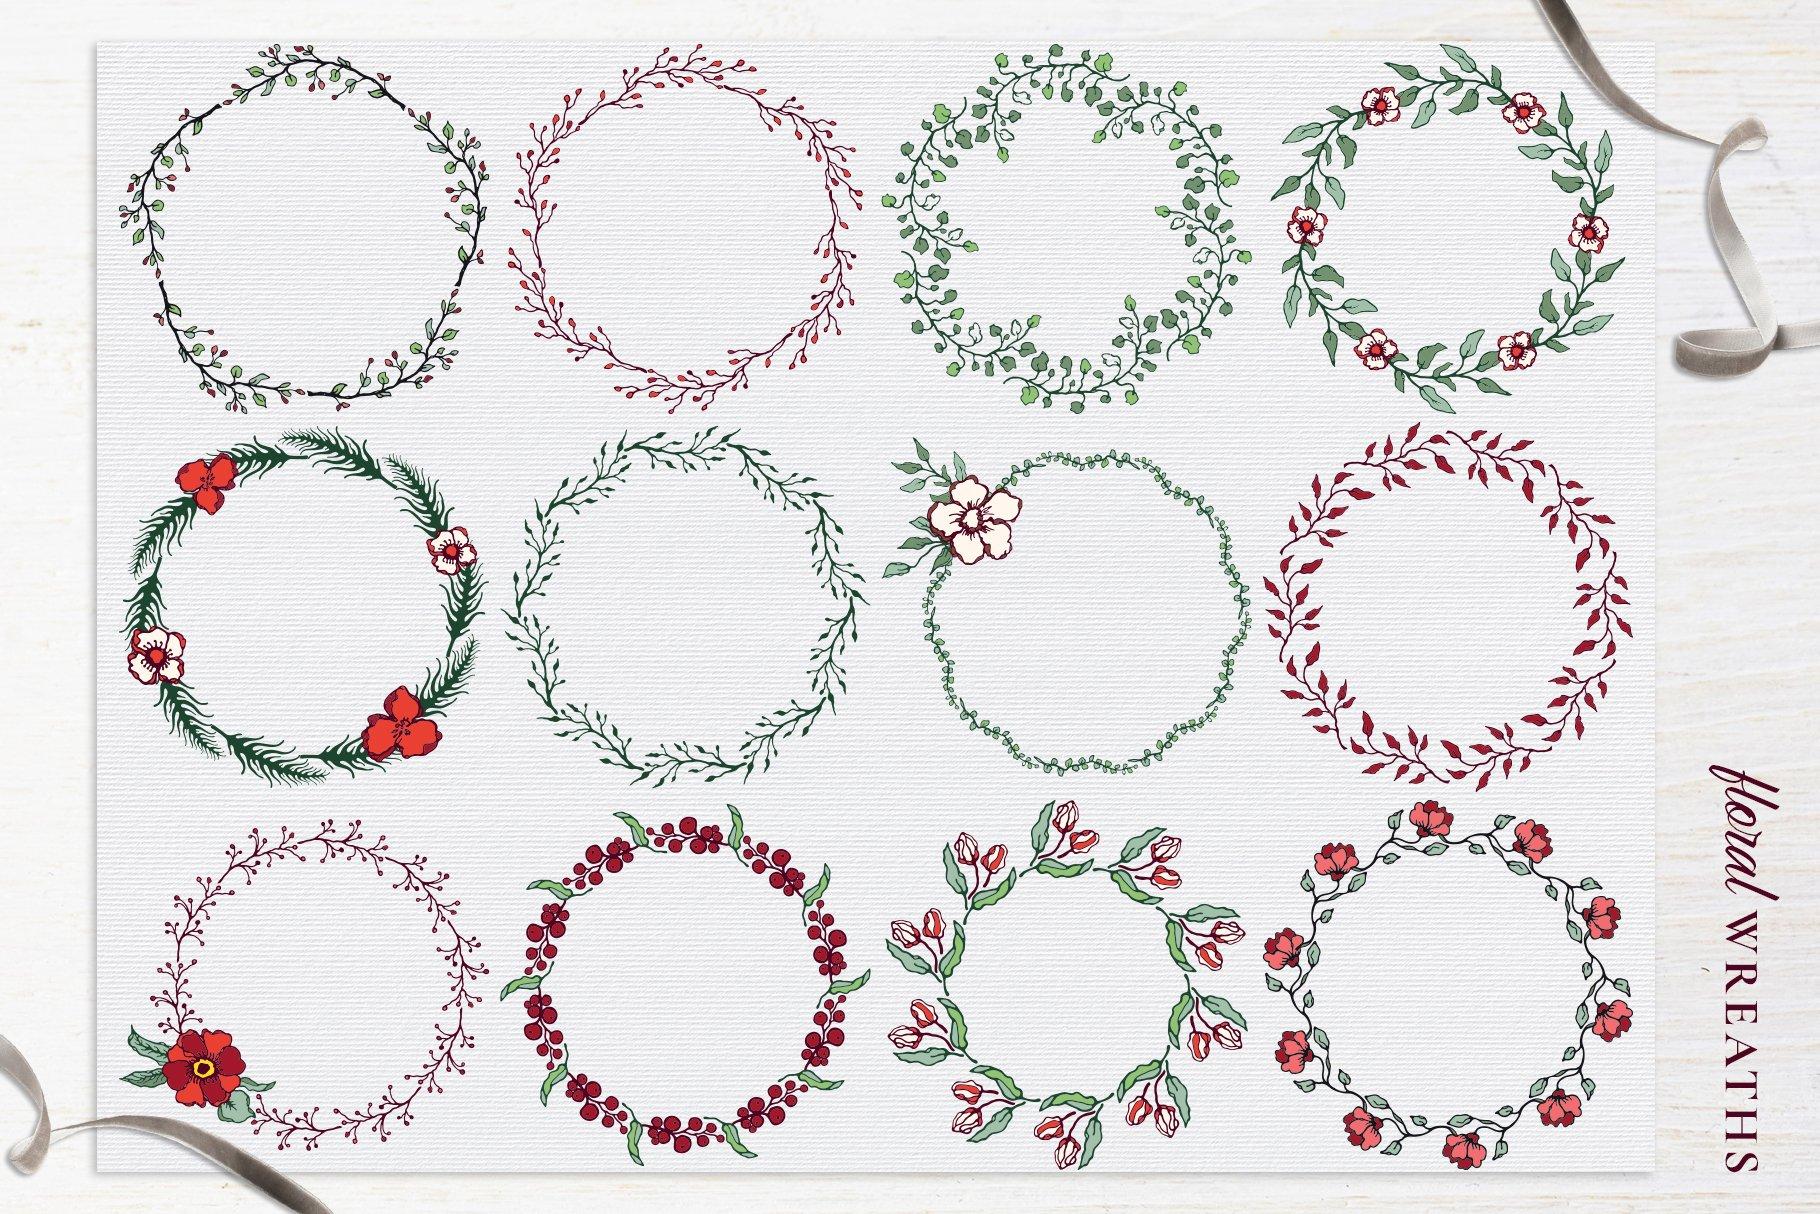 150多款时尚优雅花卉框架抽象形状手绘插画设计素材 Winter Floral Patterns & Elements插图12